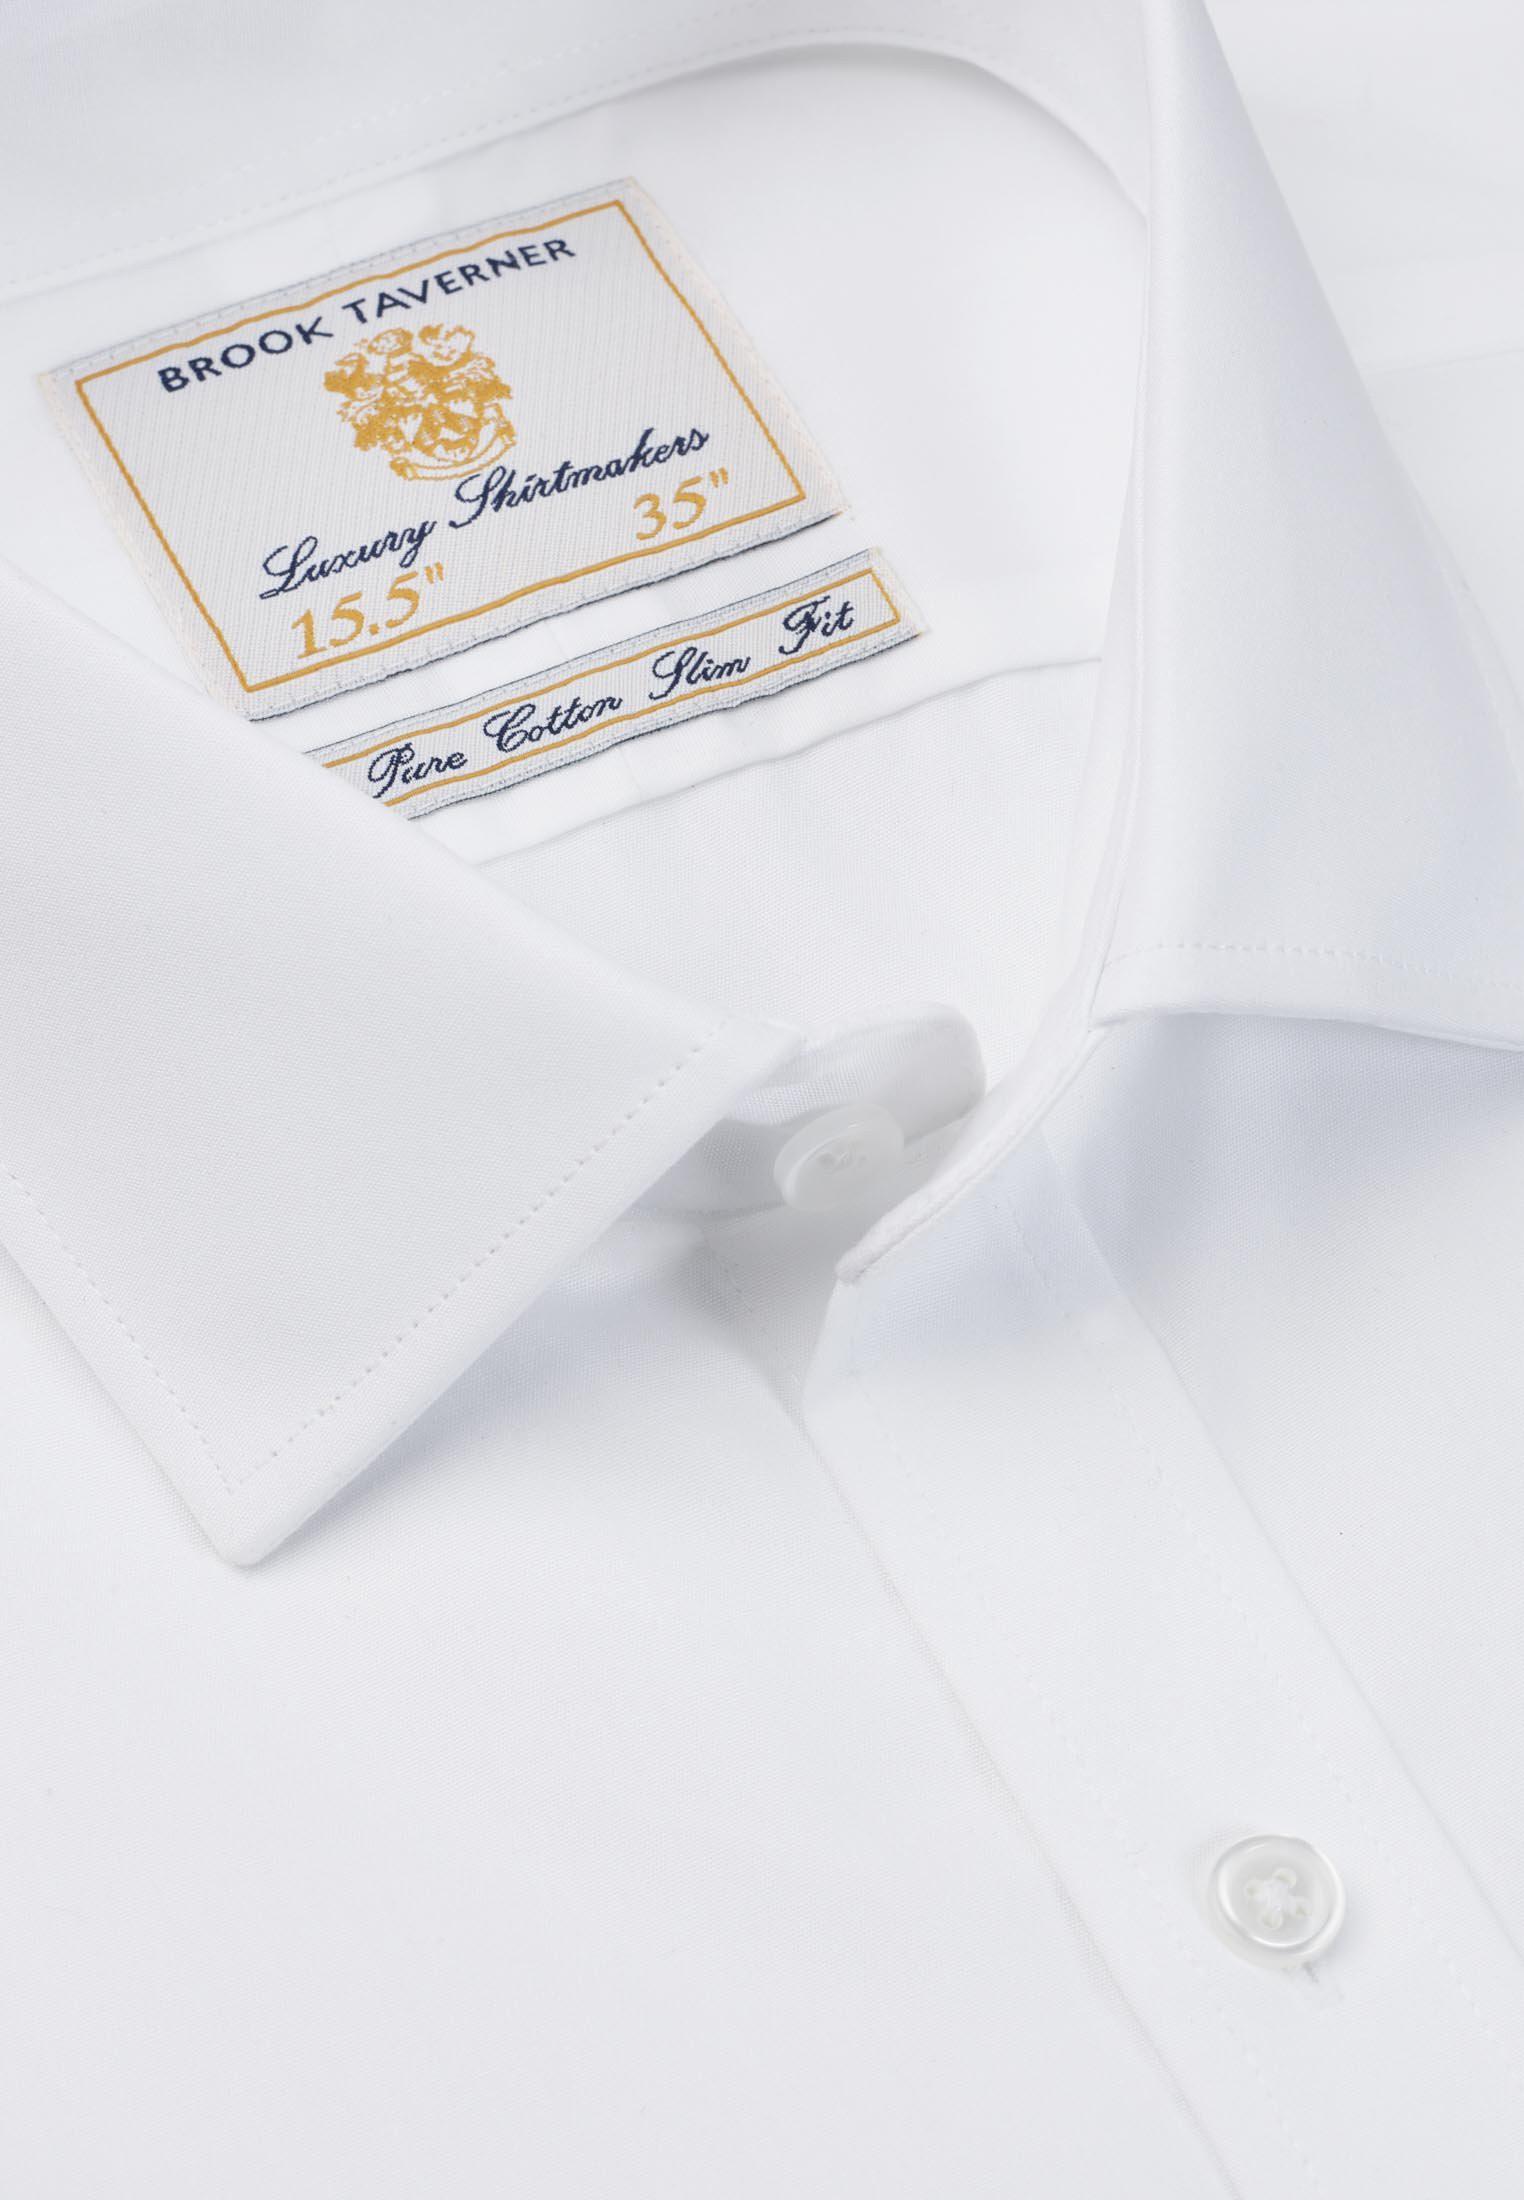 Single and Double Cuff White Poplin 100% Easycare Cotton Shirt